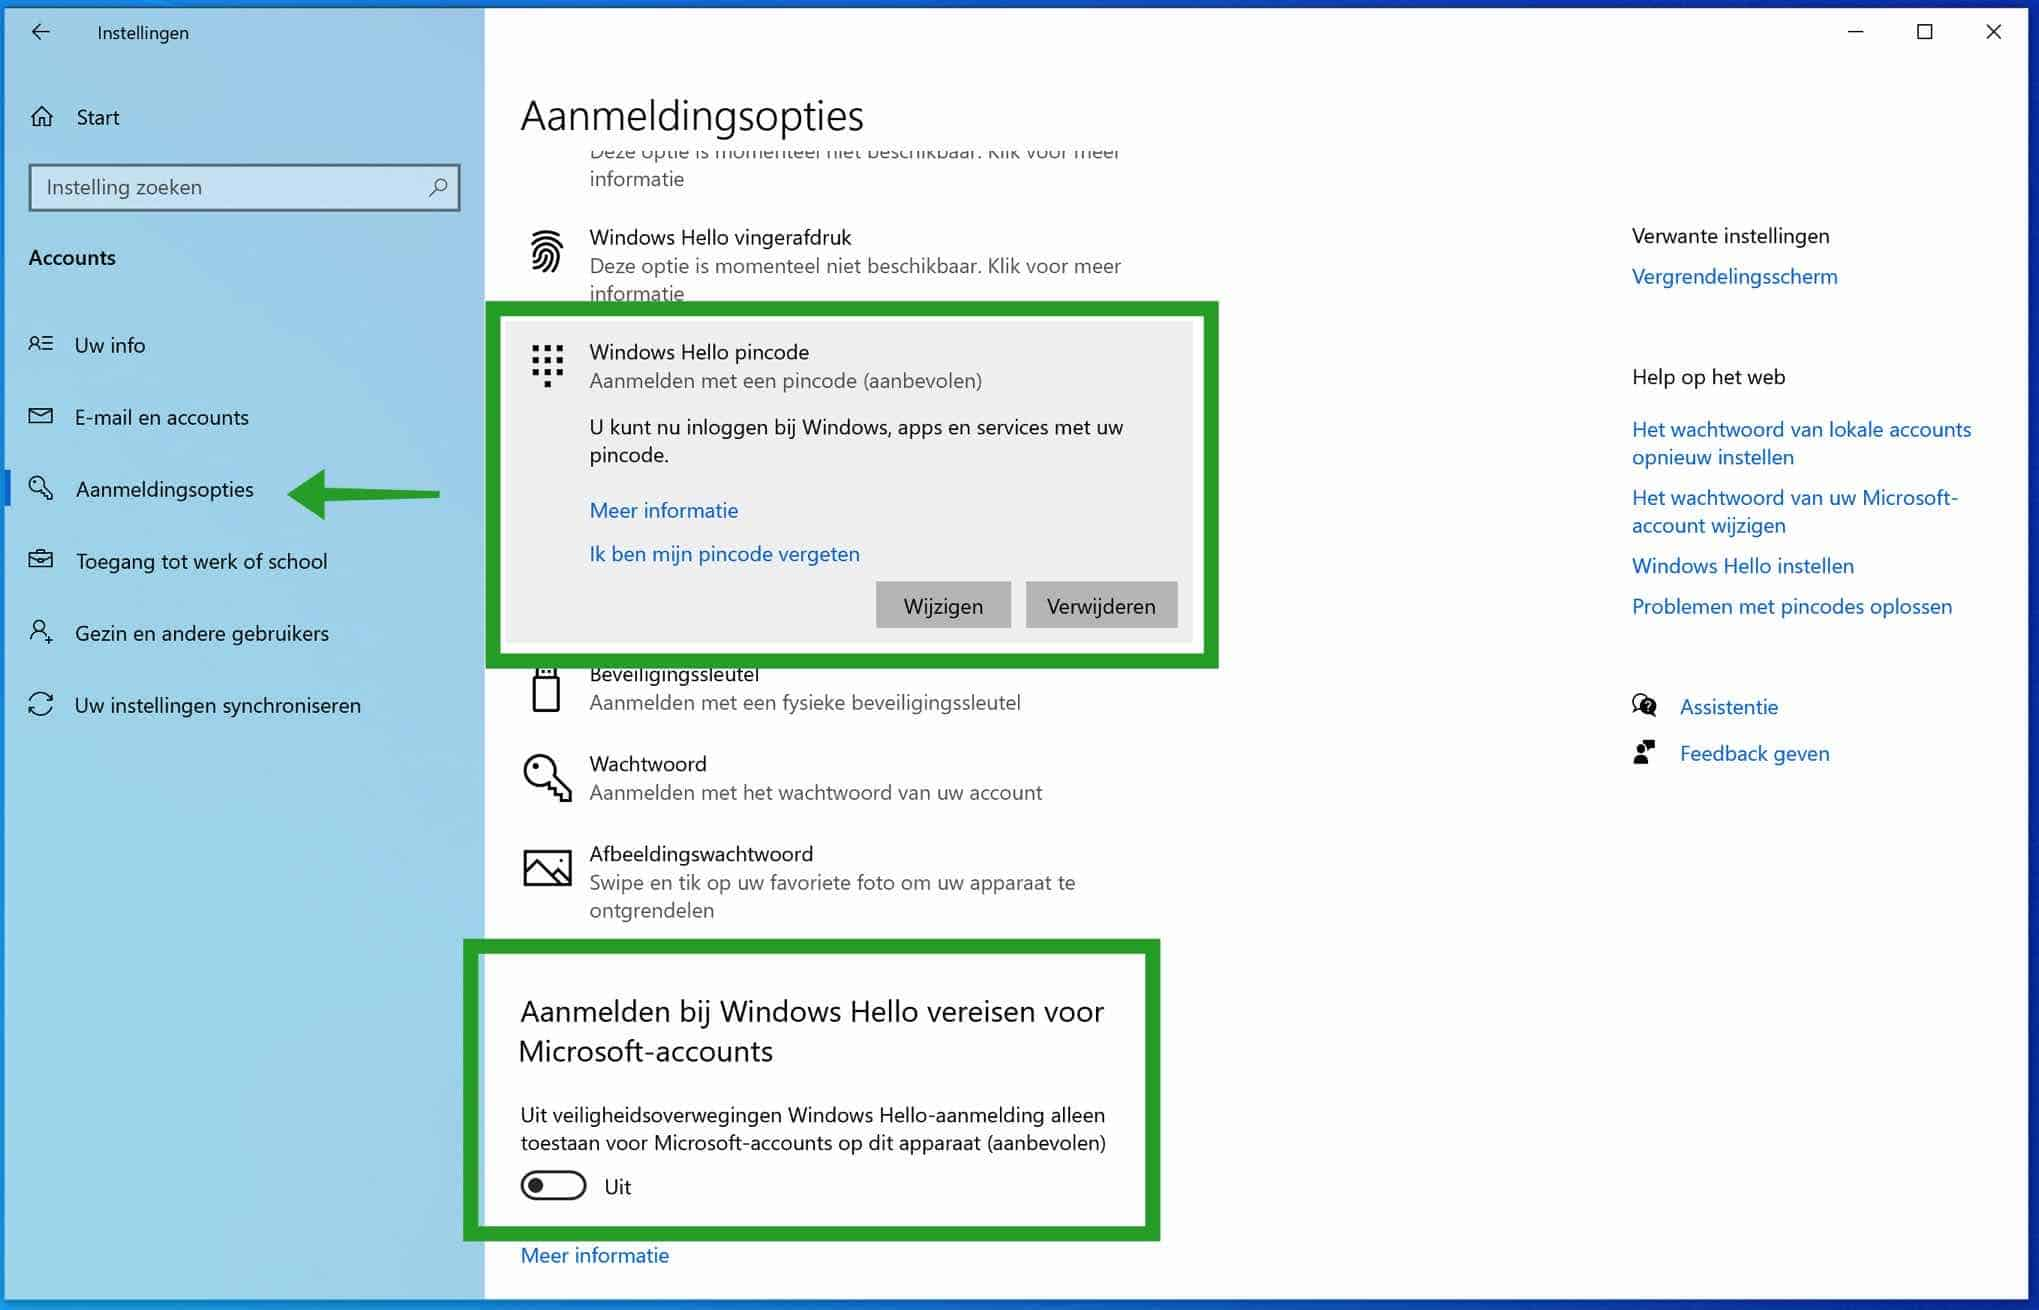 PIN verwijderen en inloggen met wachtwoord in Windows 10